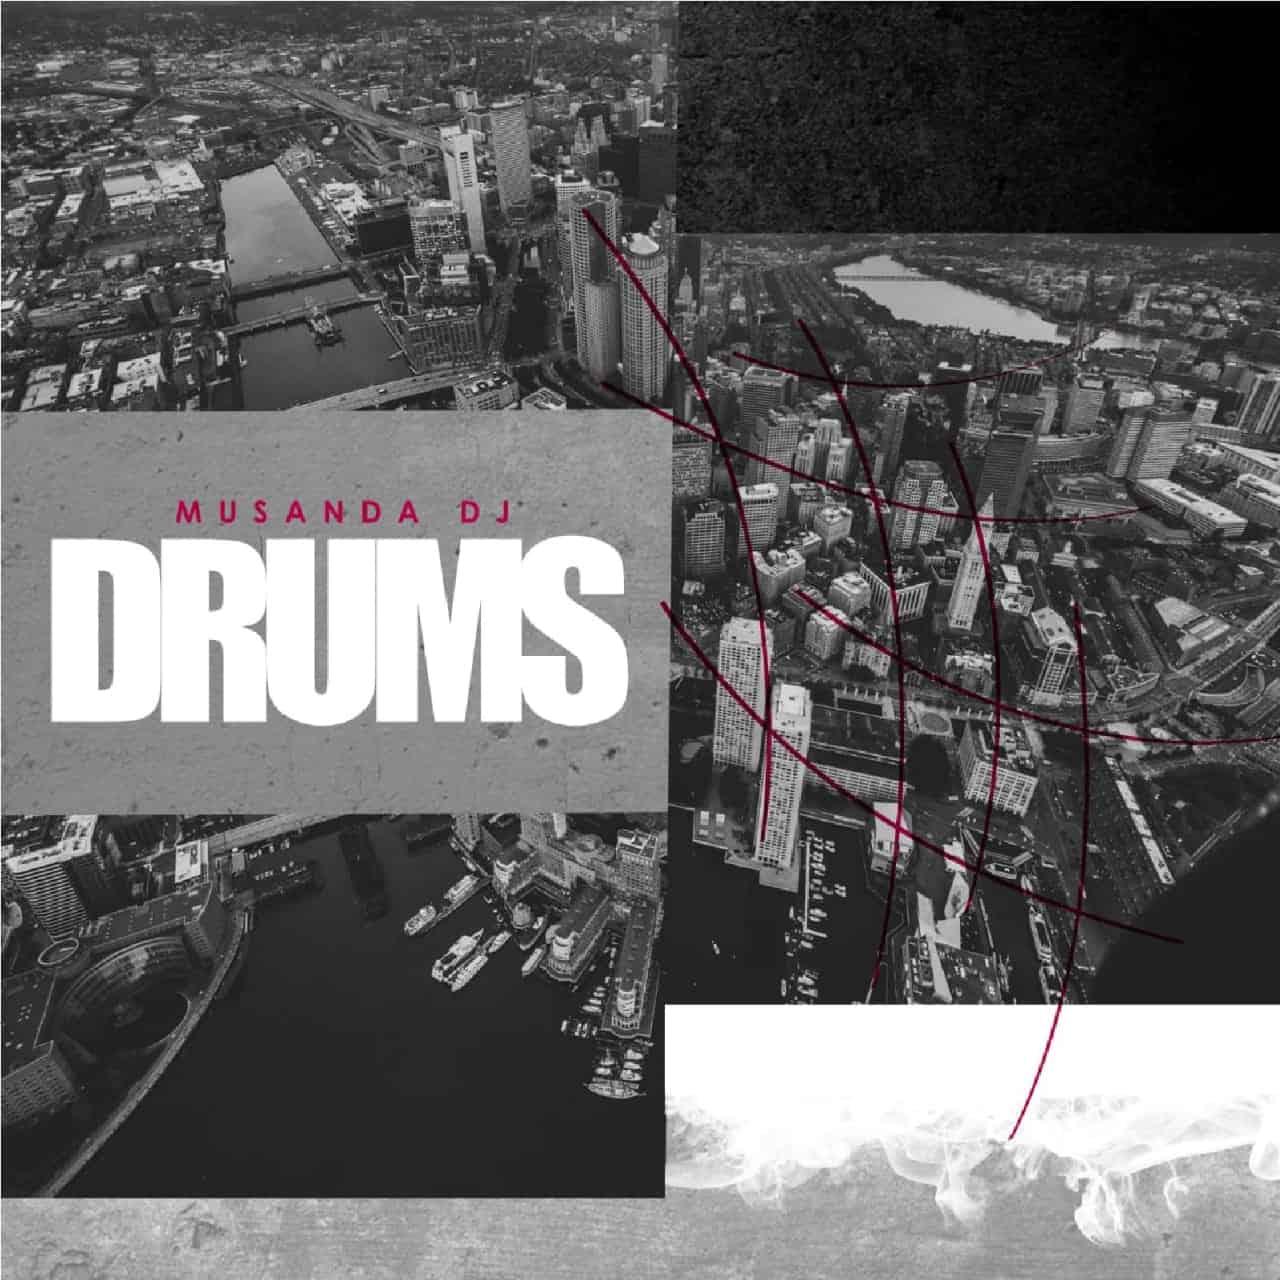 Musanda Dj - Drums